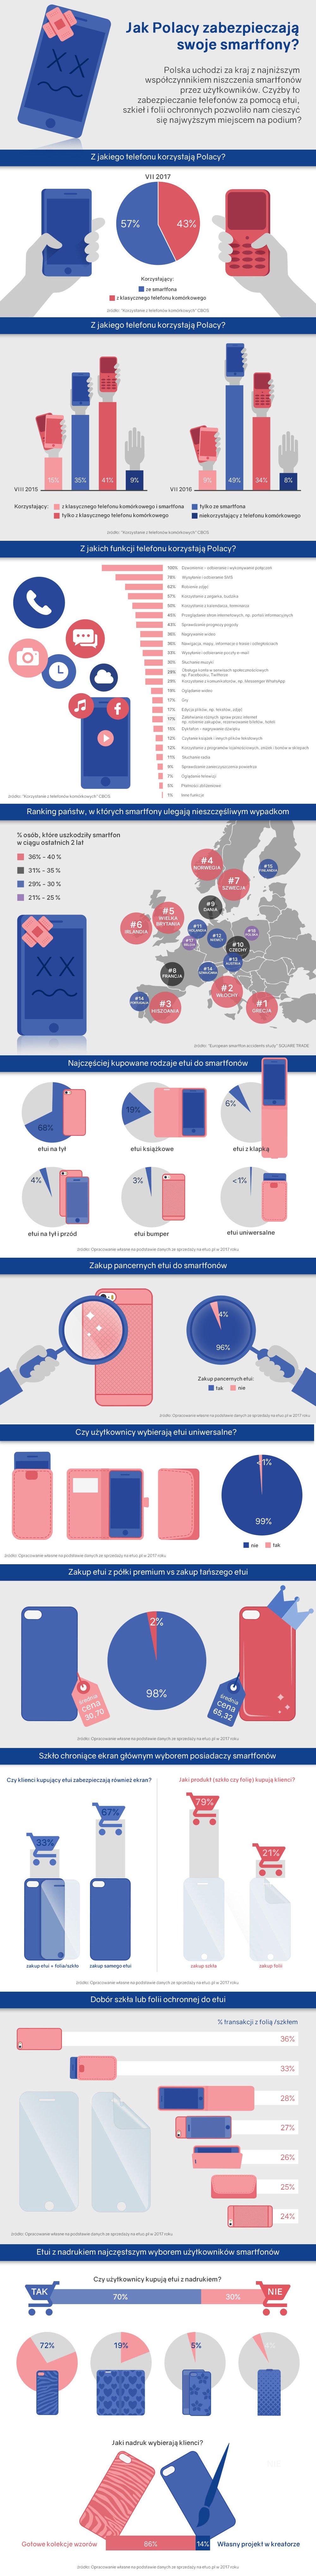 Jak użytkownicy w Polsce zabezpieczają swoje smartfony? 19